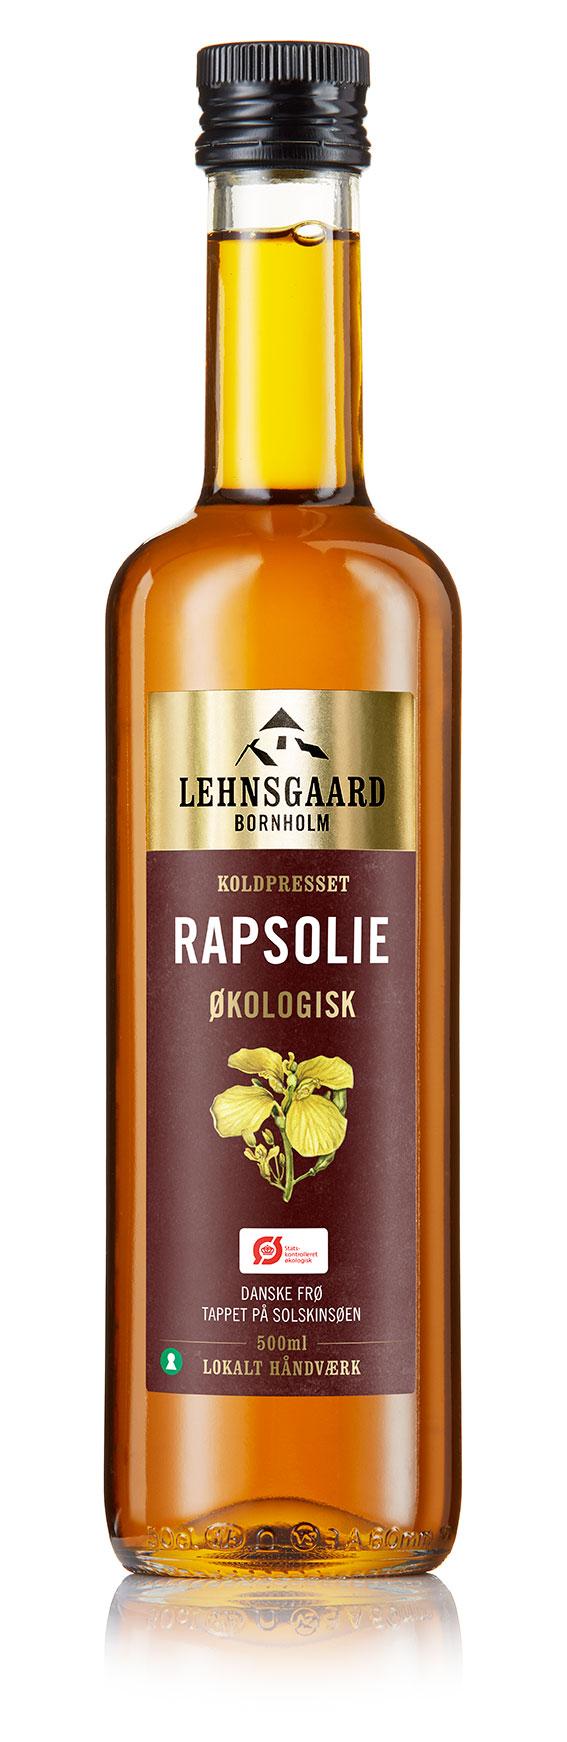 Lehnsgaard | Økologisk Rapsolie